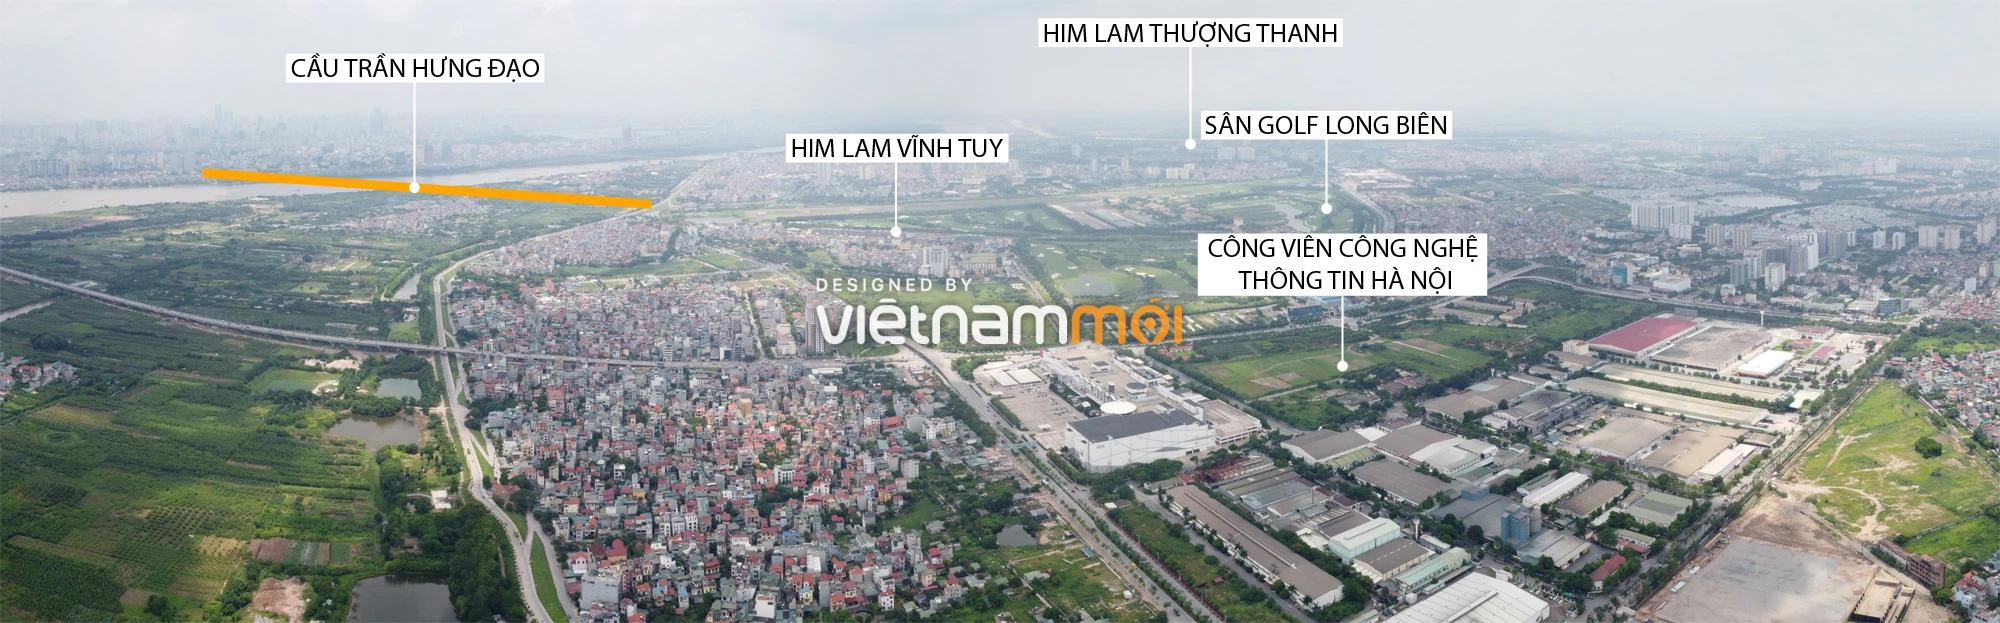 Toàn cảnh các dự án của Him Lam được hưởng lợi từ cầu Trần Hưng Đạo - Ảnh 1.